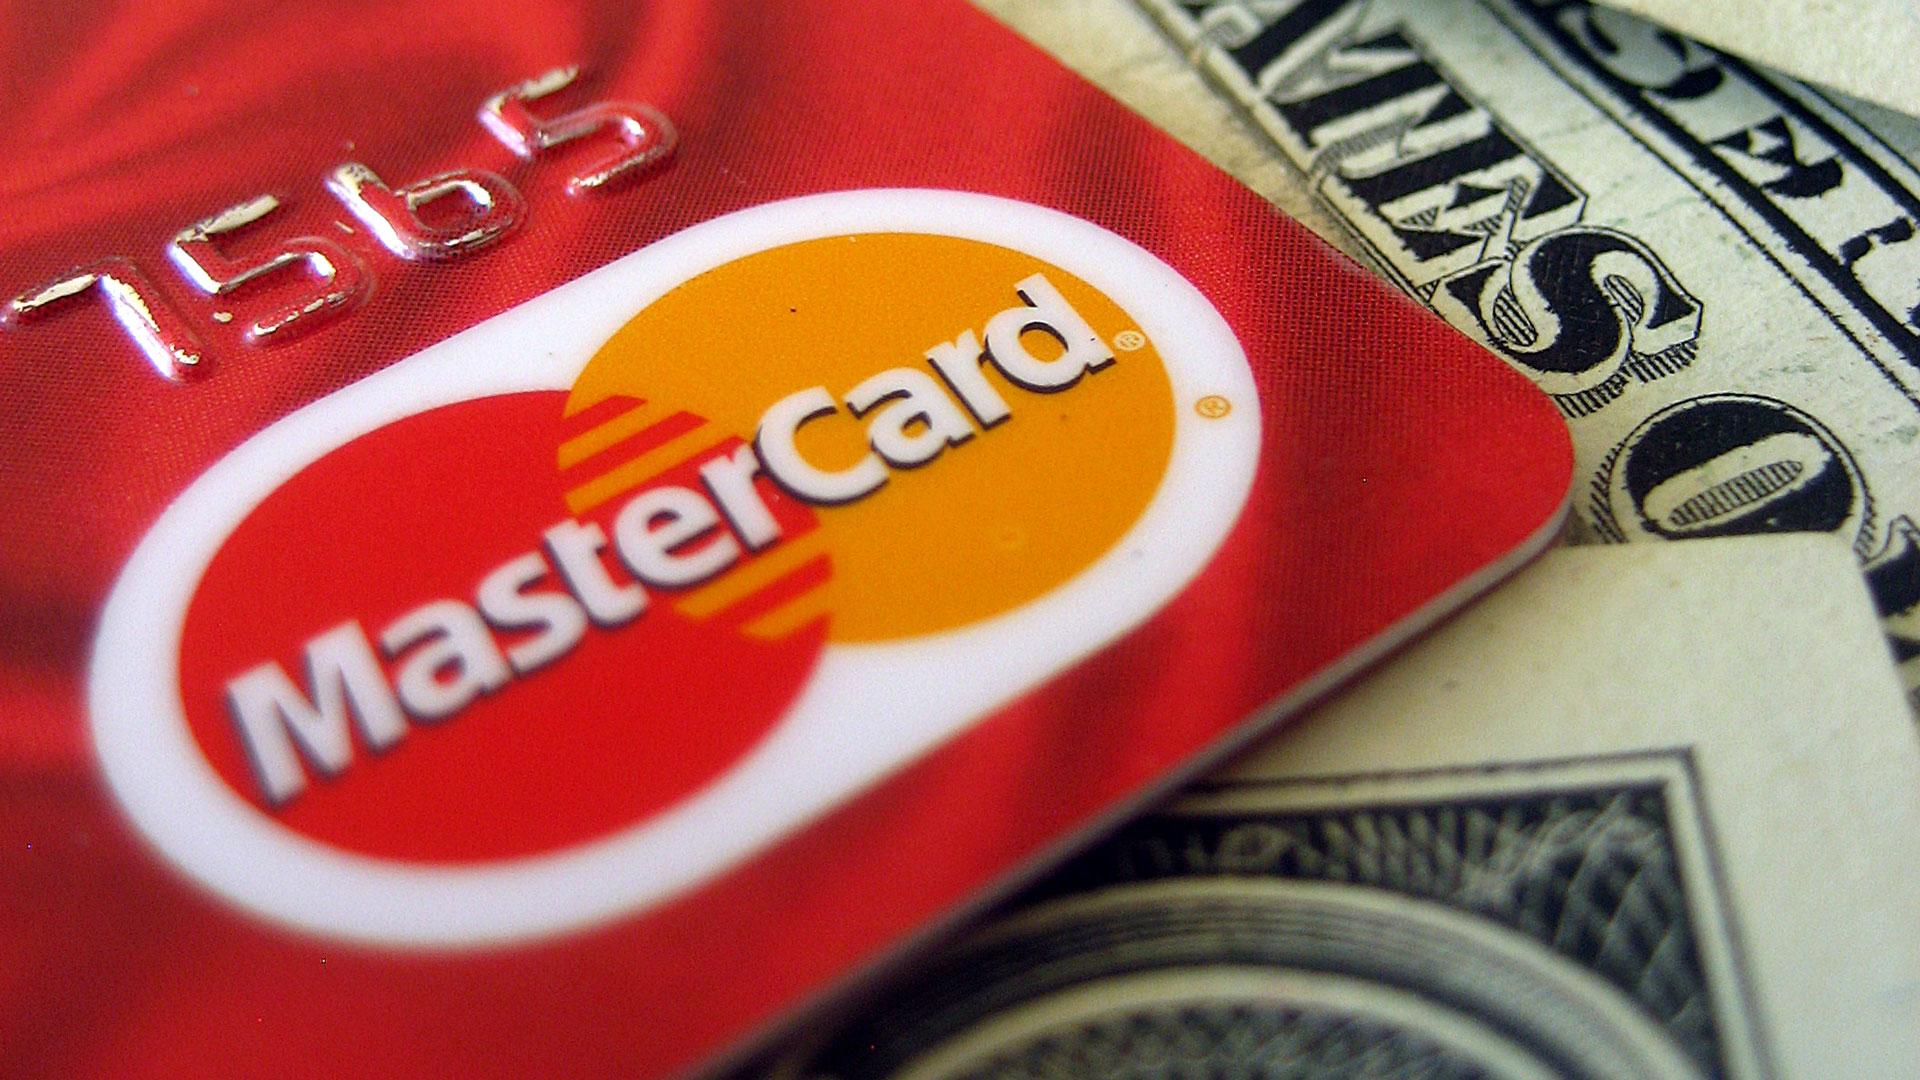 b274a0768020c MasterCard vante la fiabilité de sa carte à empreintes digitales malgré les  risques de sécurité